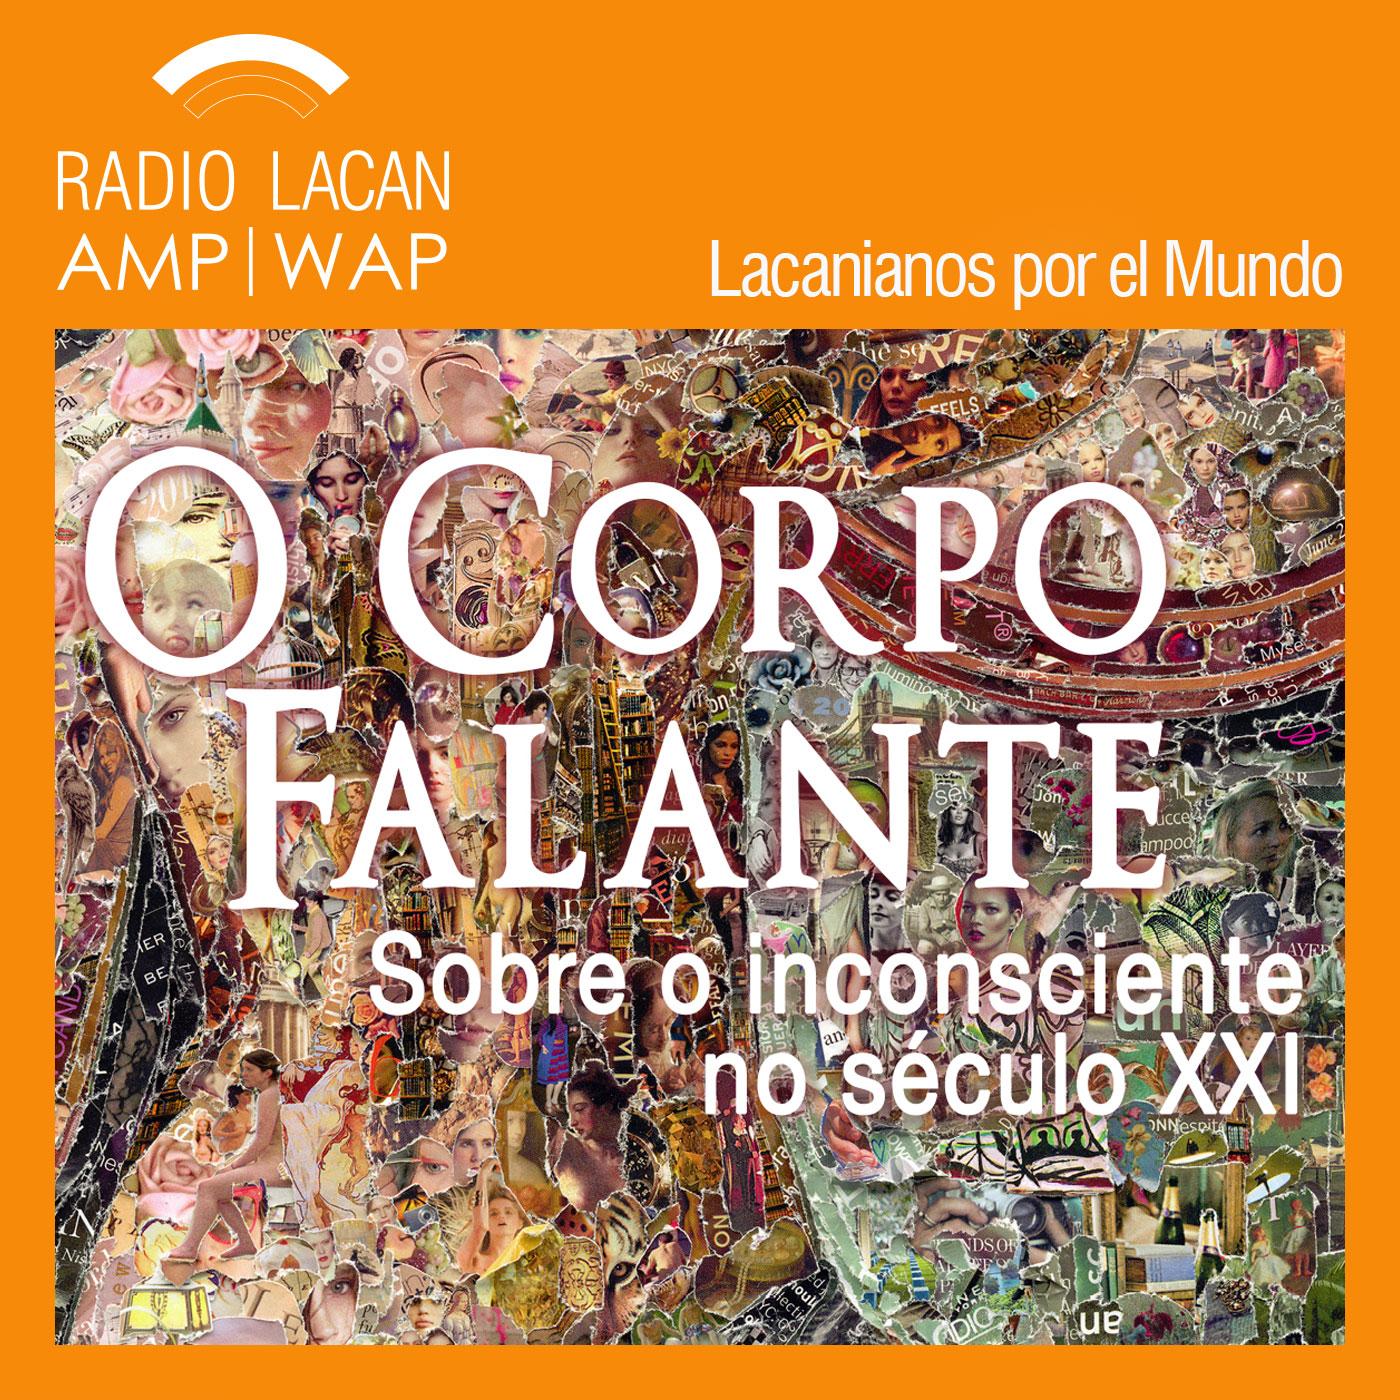 RadioLacan.com | <![CDATA[Llega el 2016... Llega Río!]]>